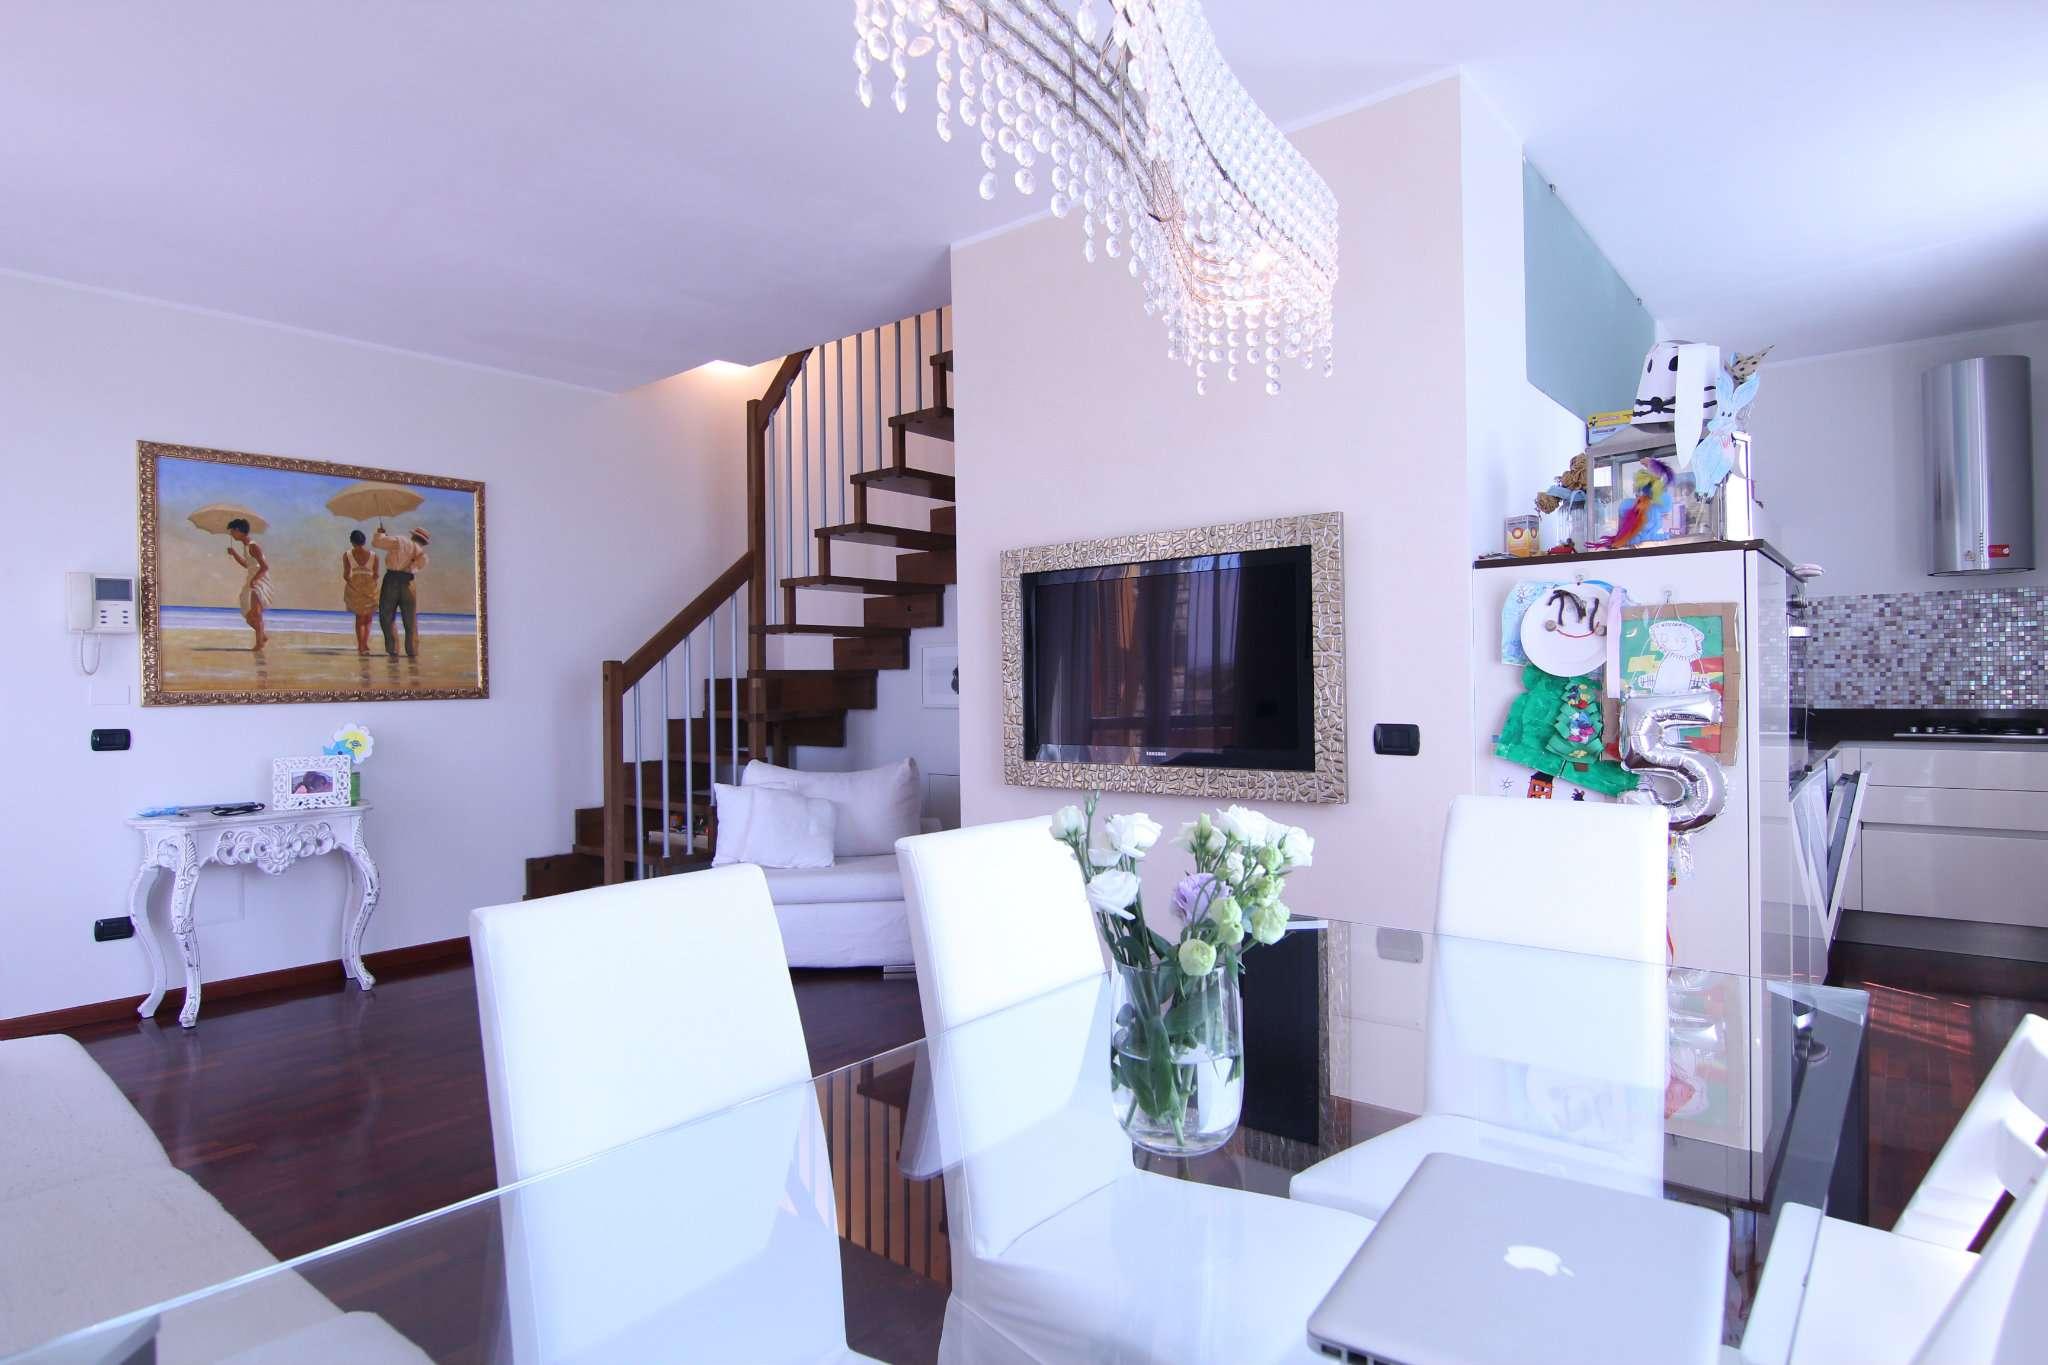 Appartamento in vendita a Lomagna, 3 locali, prezzo € 172.000 | PortaleAgenzieImmobiliari.it